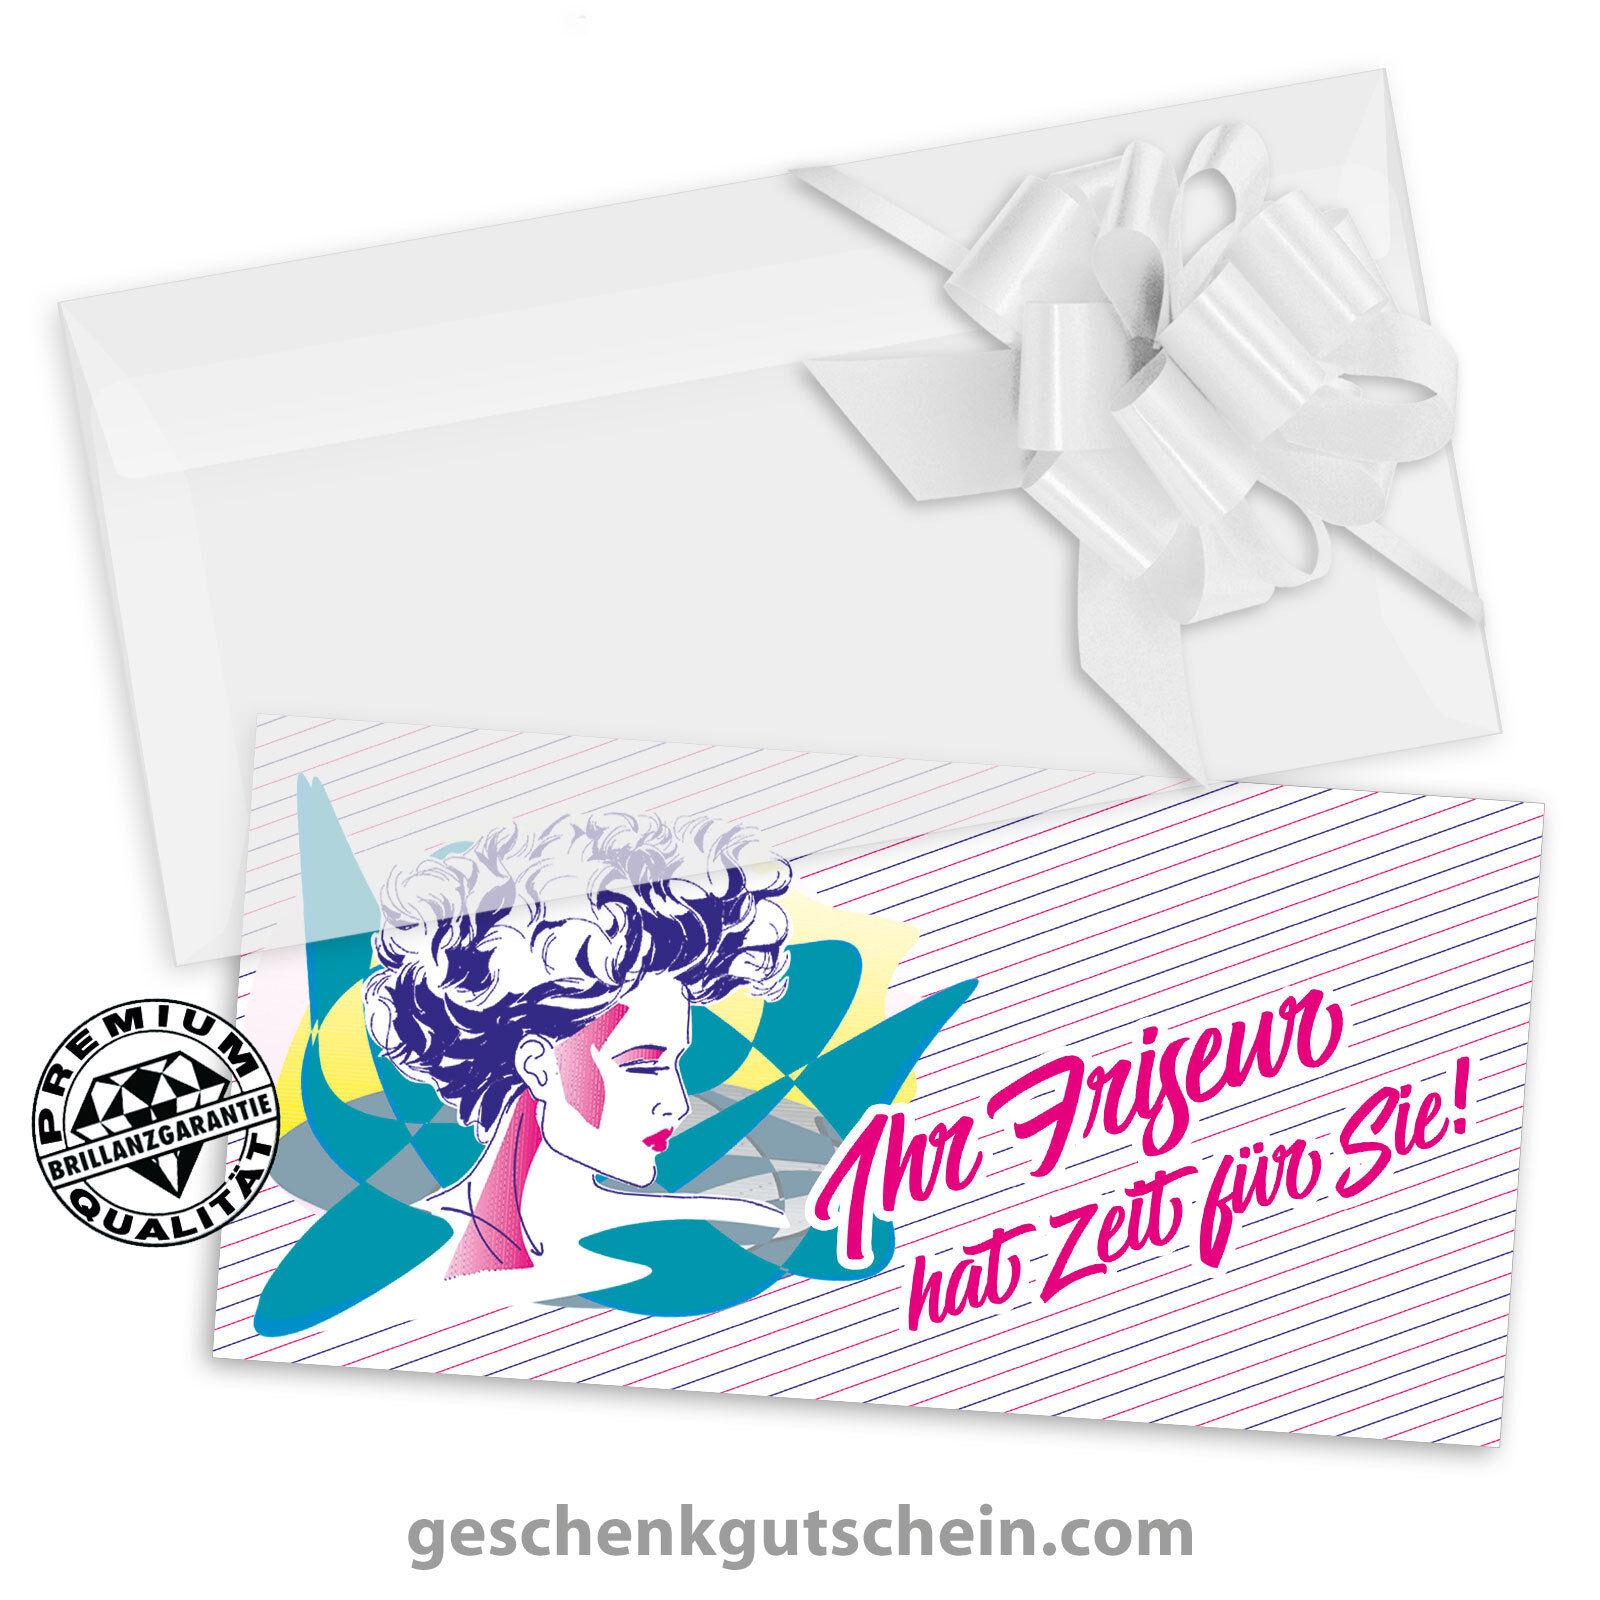 Gutscheinkarten  DINlang  mit KuGrüns und Schleifen für Friseure K9001